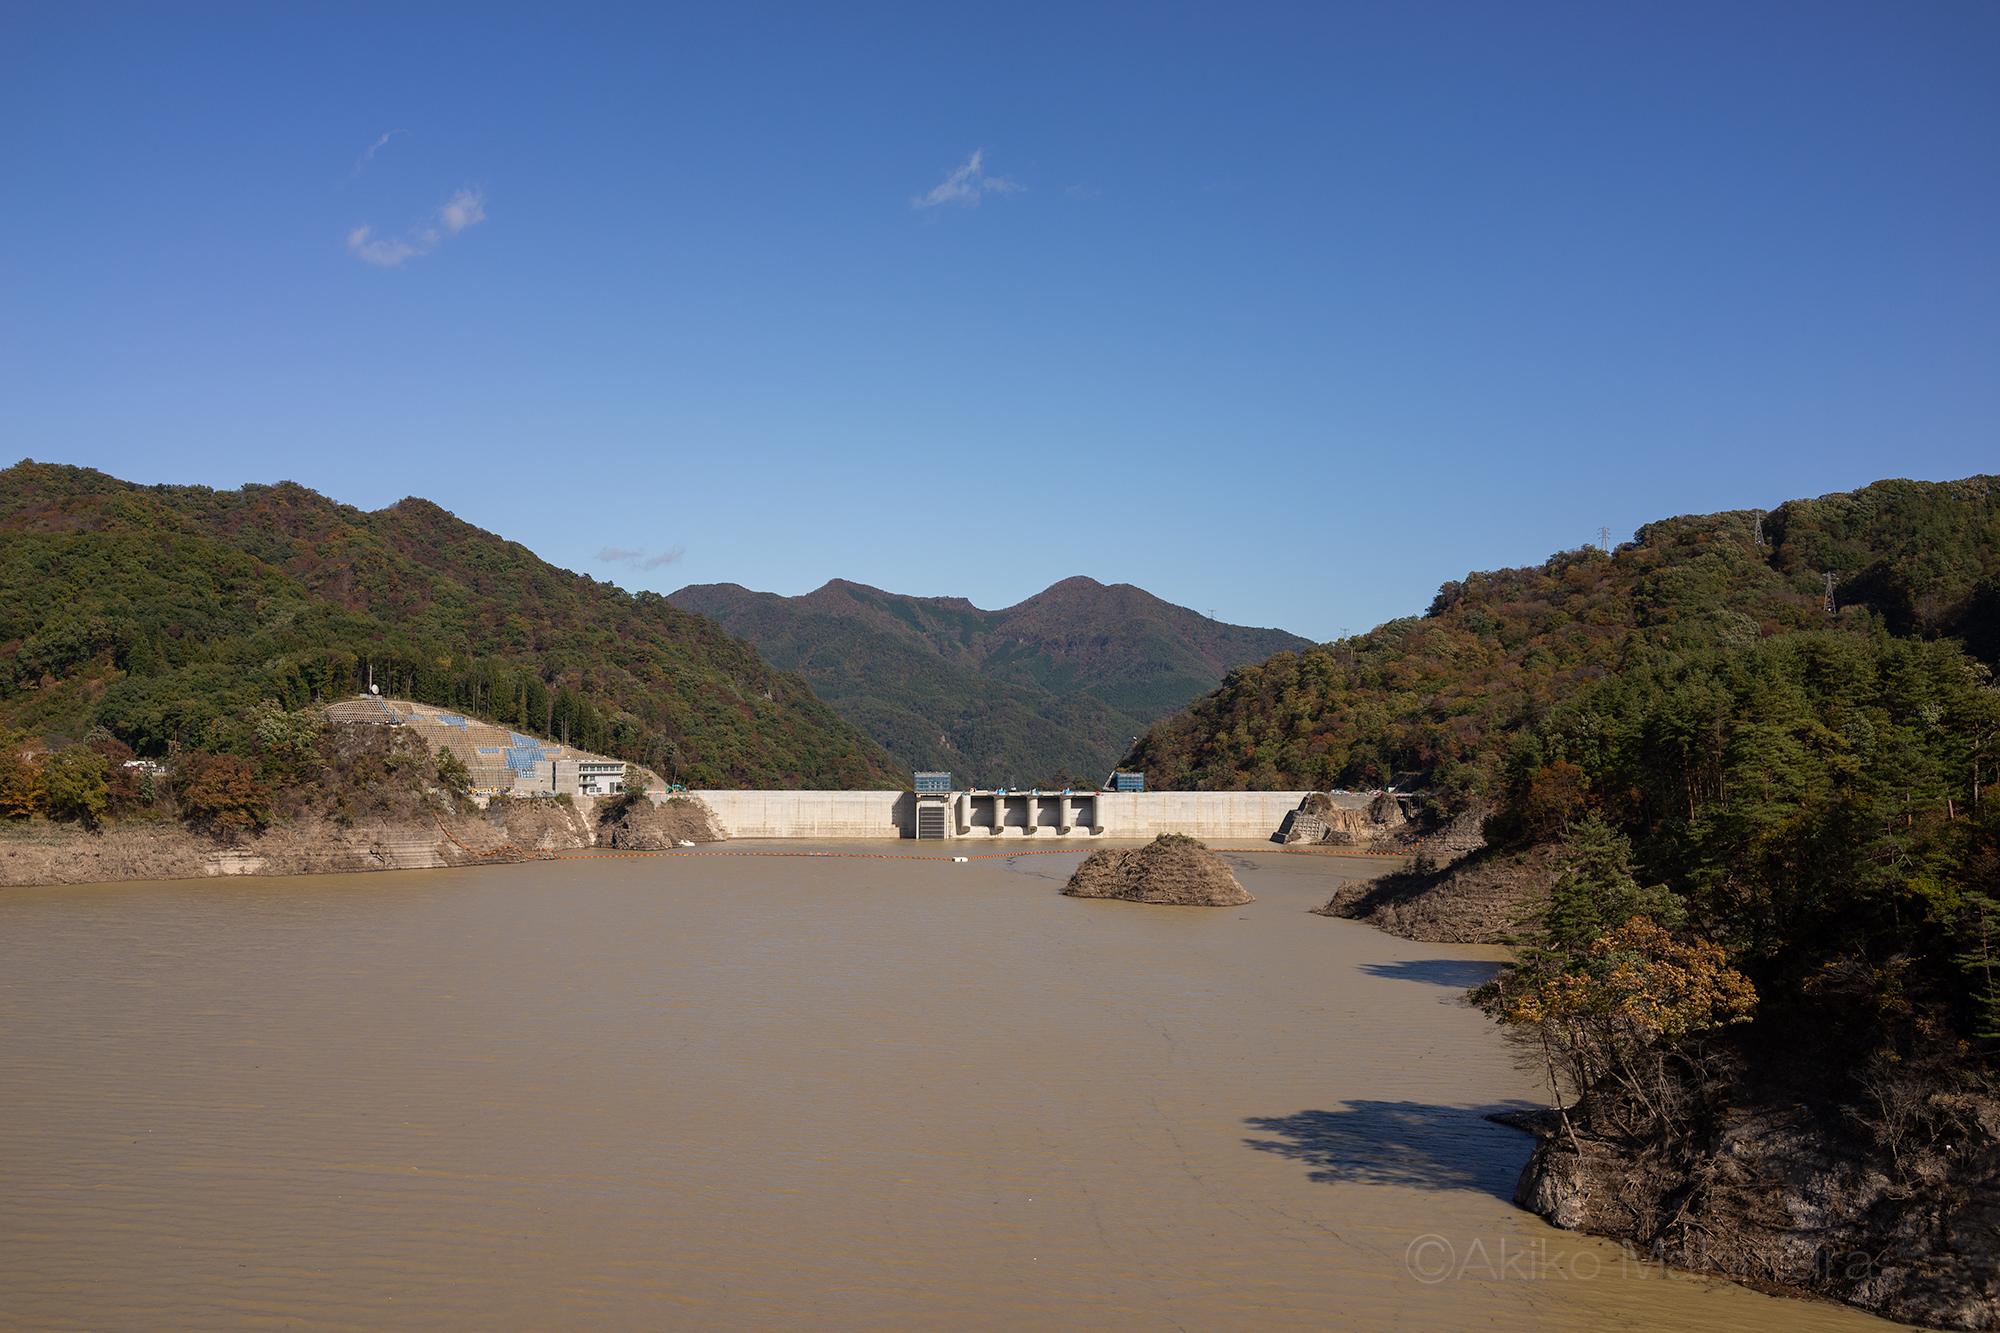 川原湯温泉駅は高みに昇り、旧駅は八ッ場ダムに沈む②